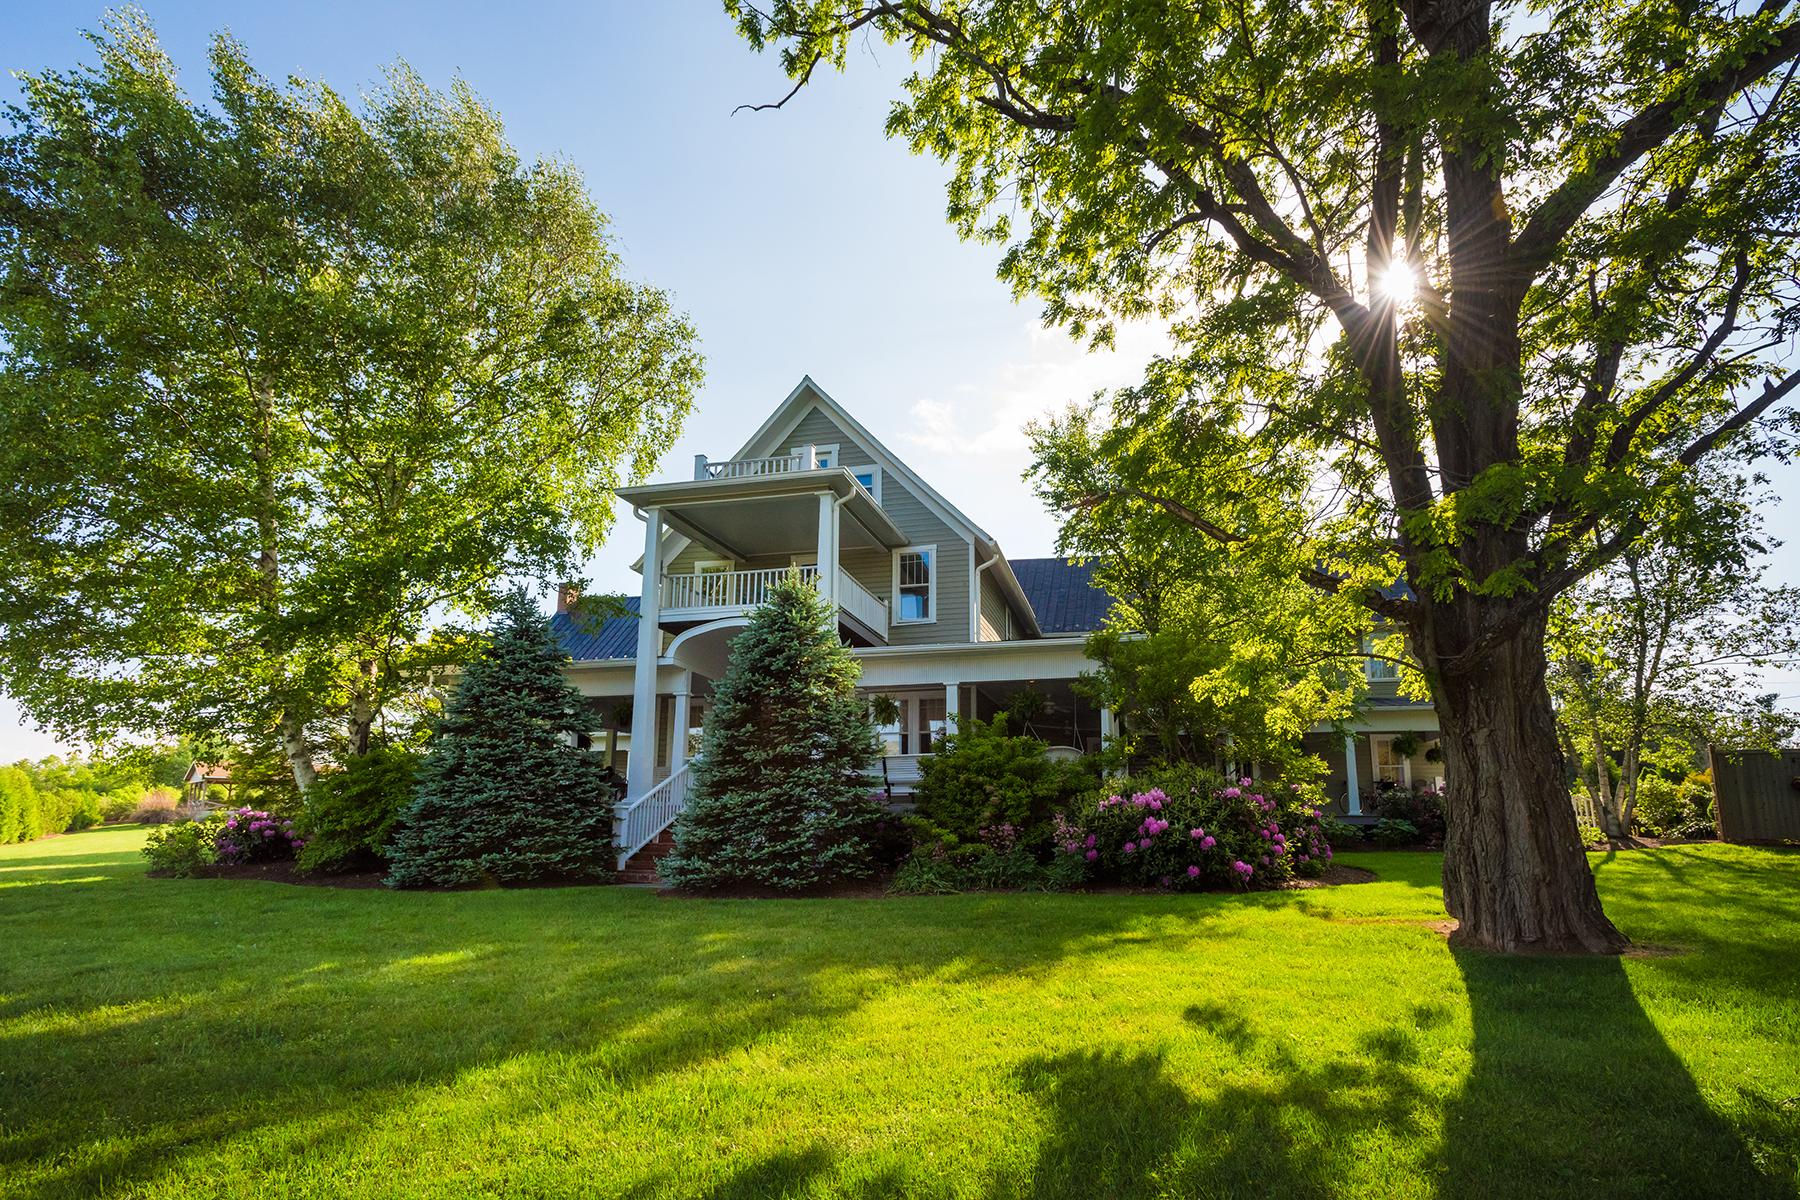 獨棟家庭住宅 為 出售 在 GLENDALE SPRINGS 7414 Nc Hwy 16 Glendale Springs, 北卡羅來納州, 28629 美國